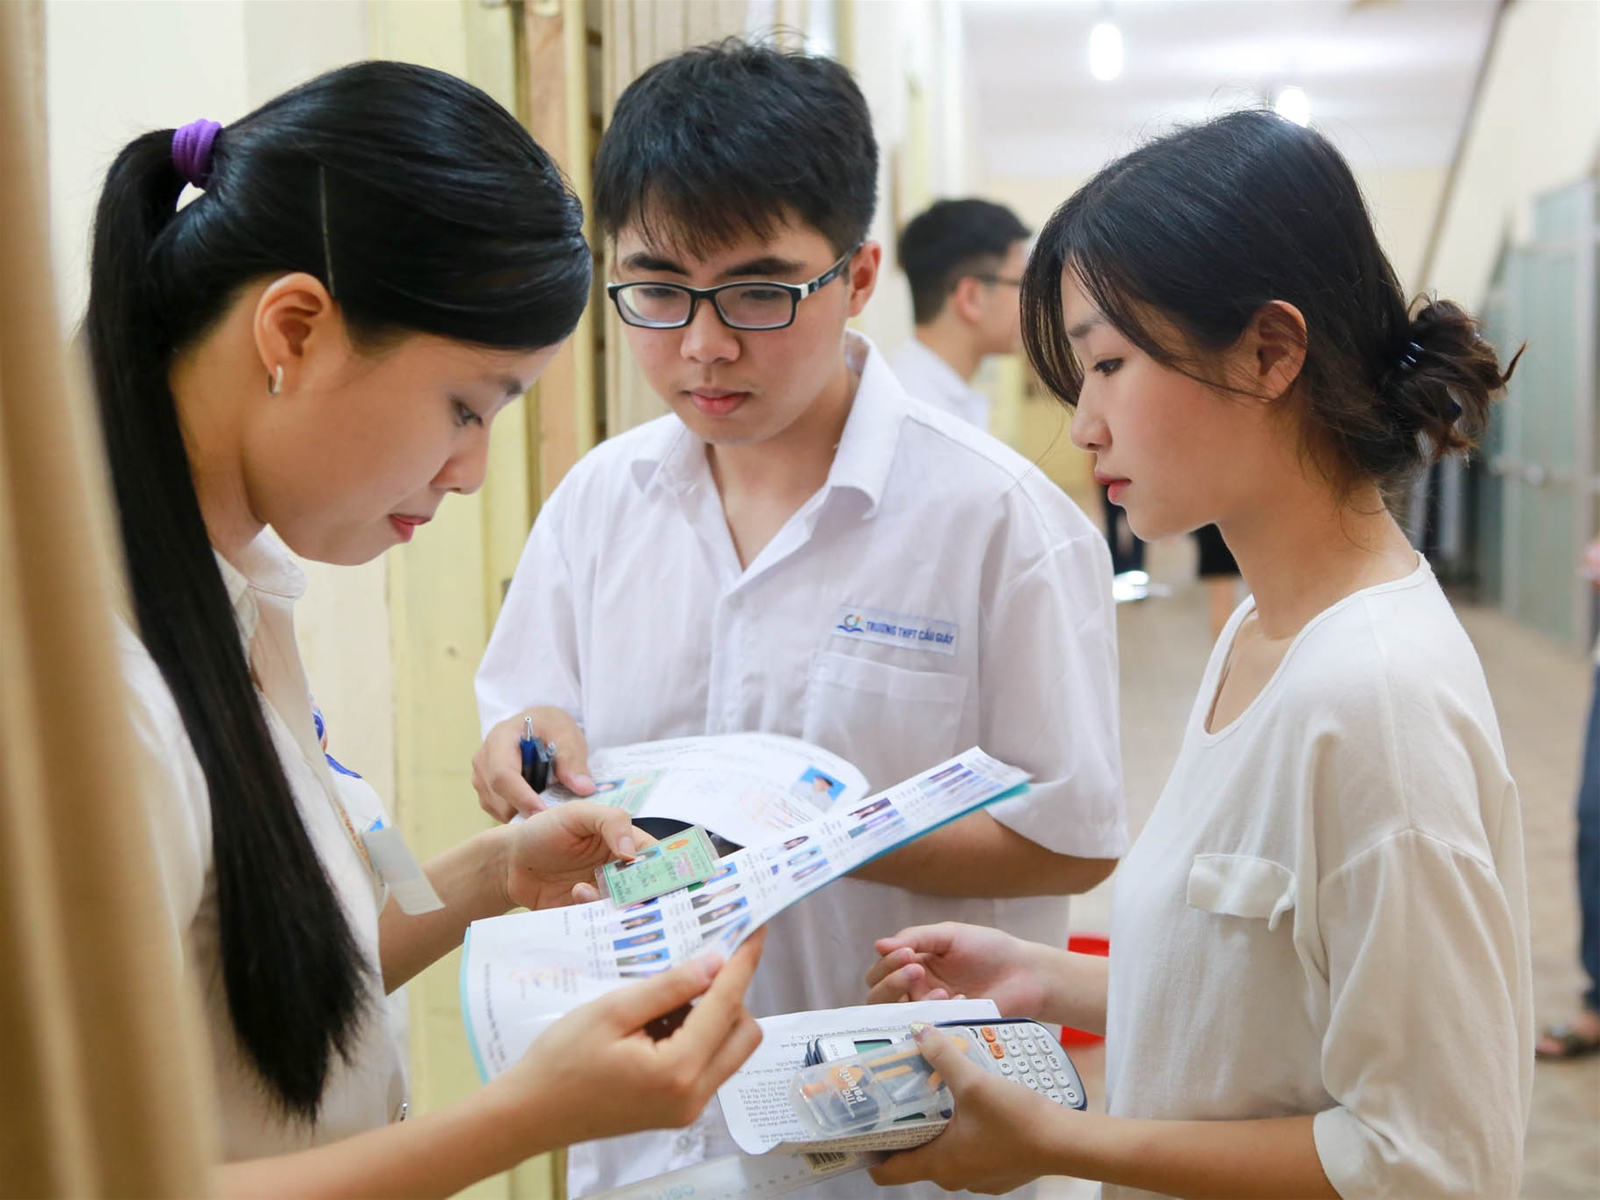 Giám đốc sở GD&ĐT chịu trách nhiệm về kết quả công nhận tốt nghiệp THPT